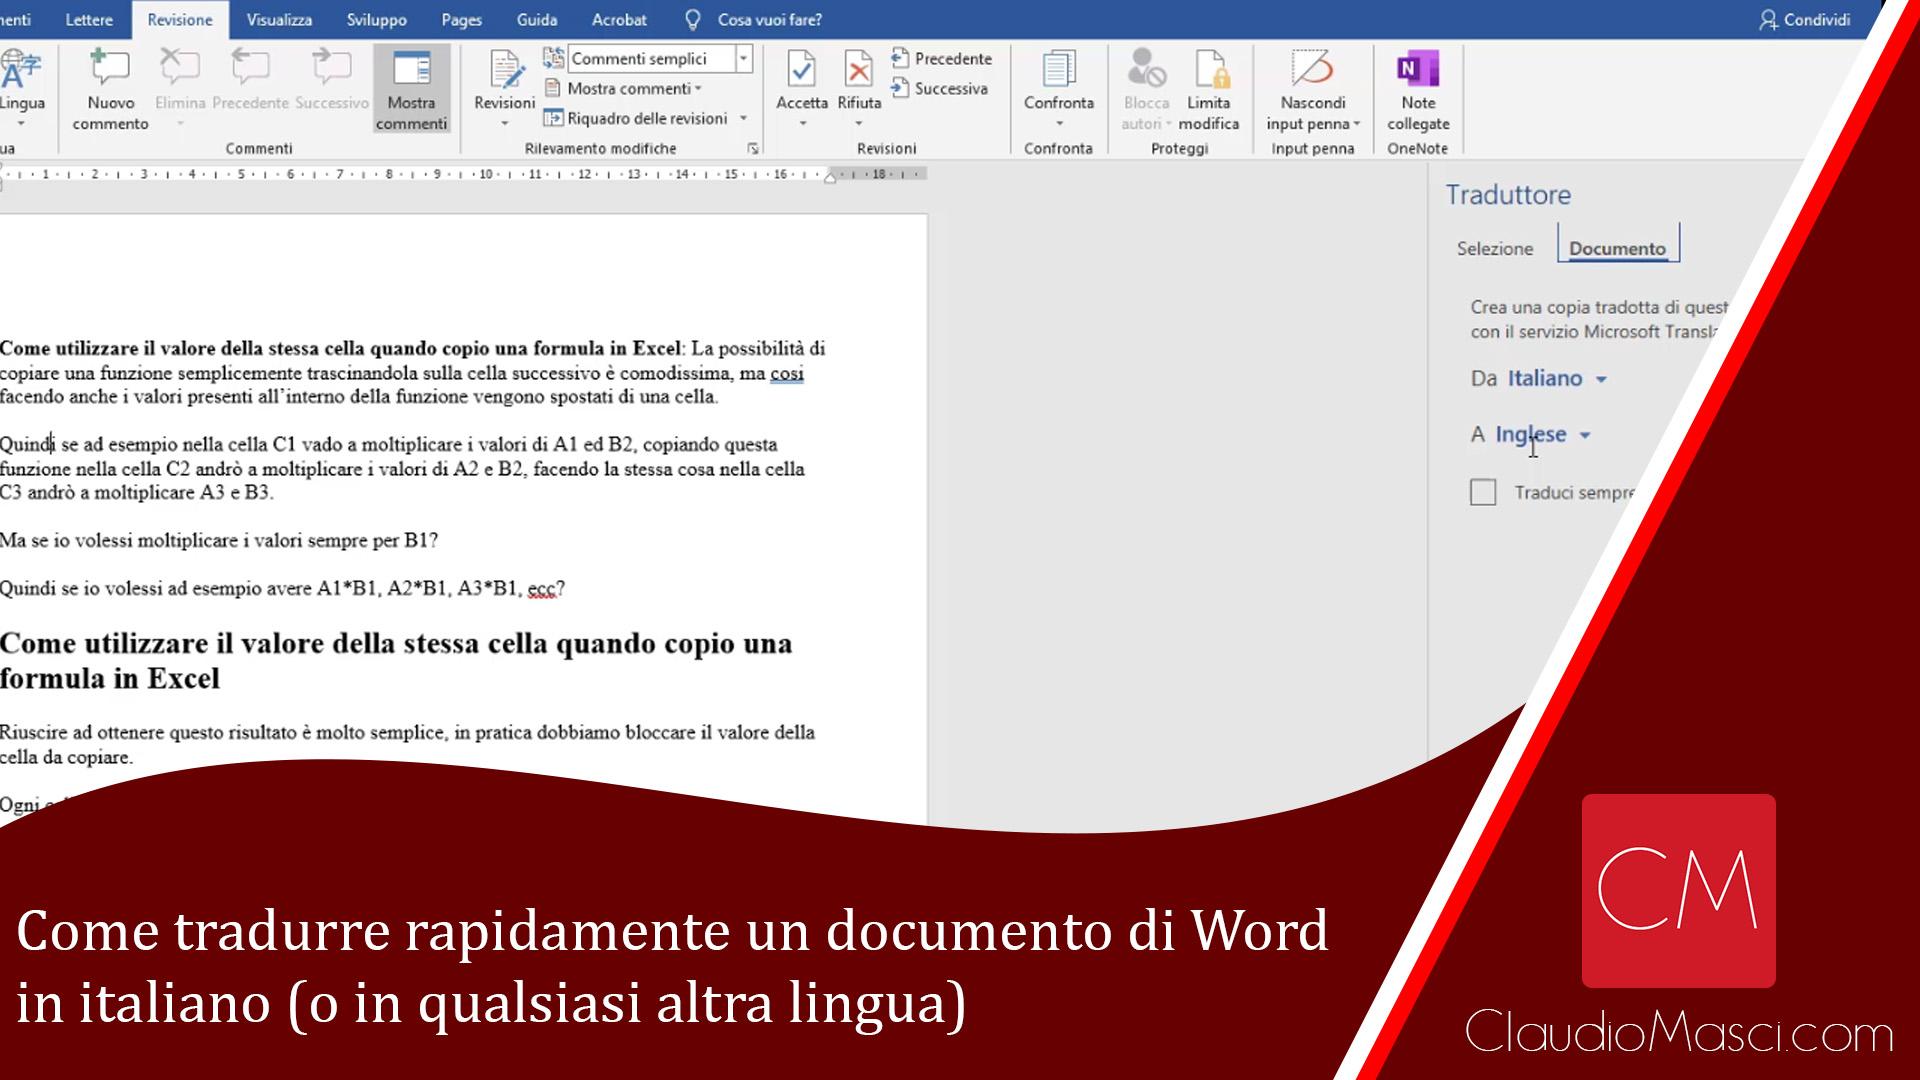 Come tradurre rapidamente un documento di Word in italiano